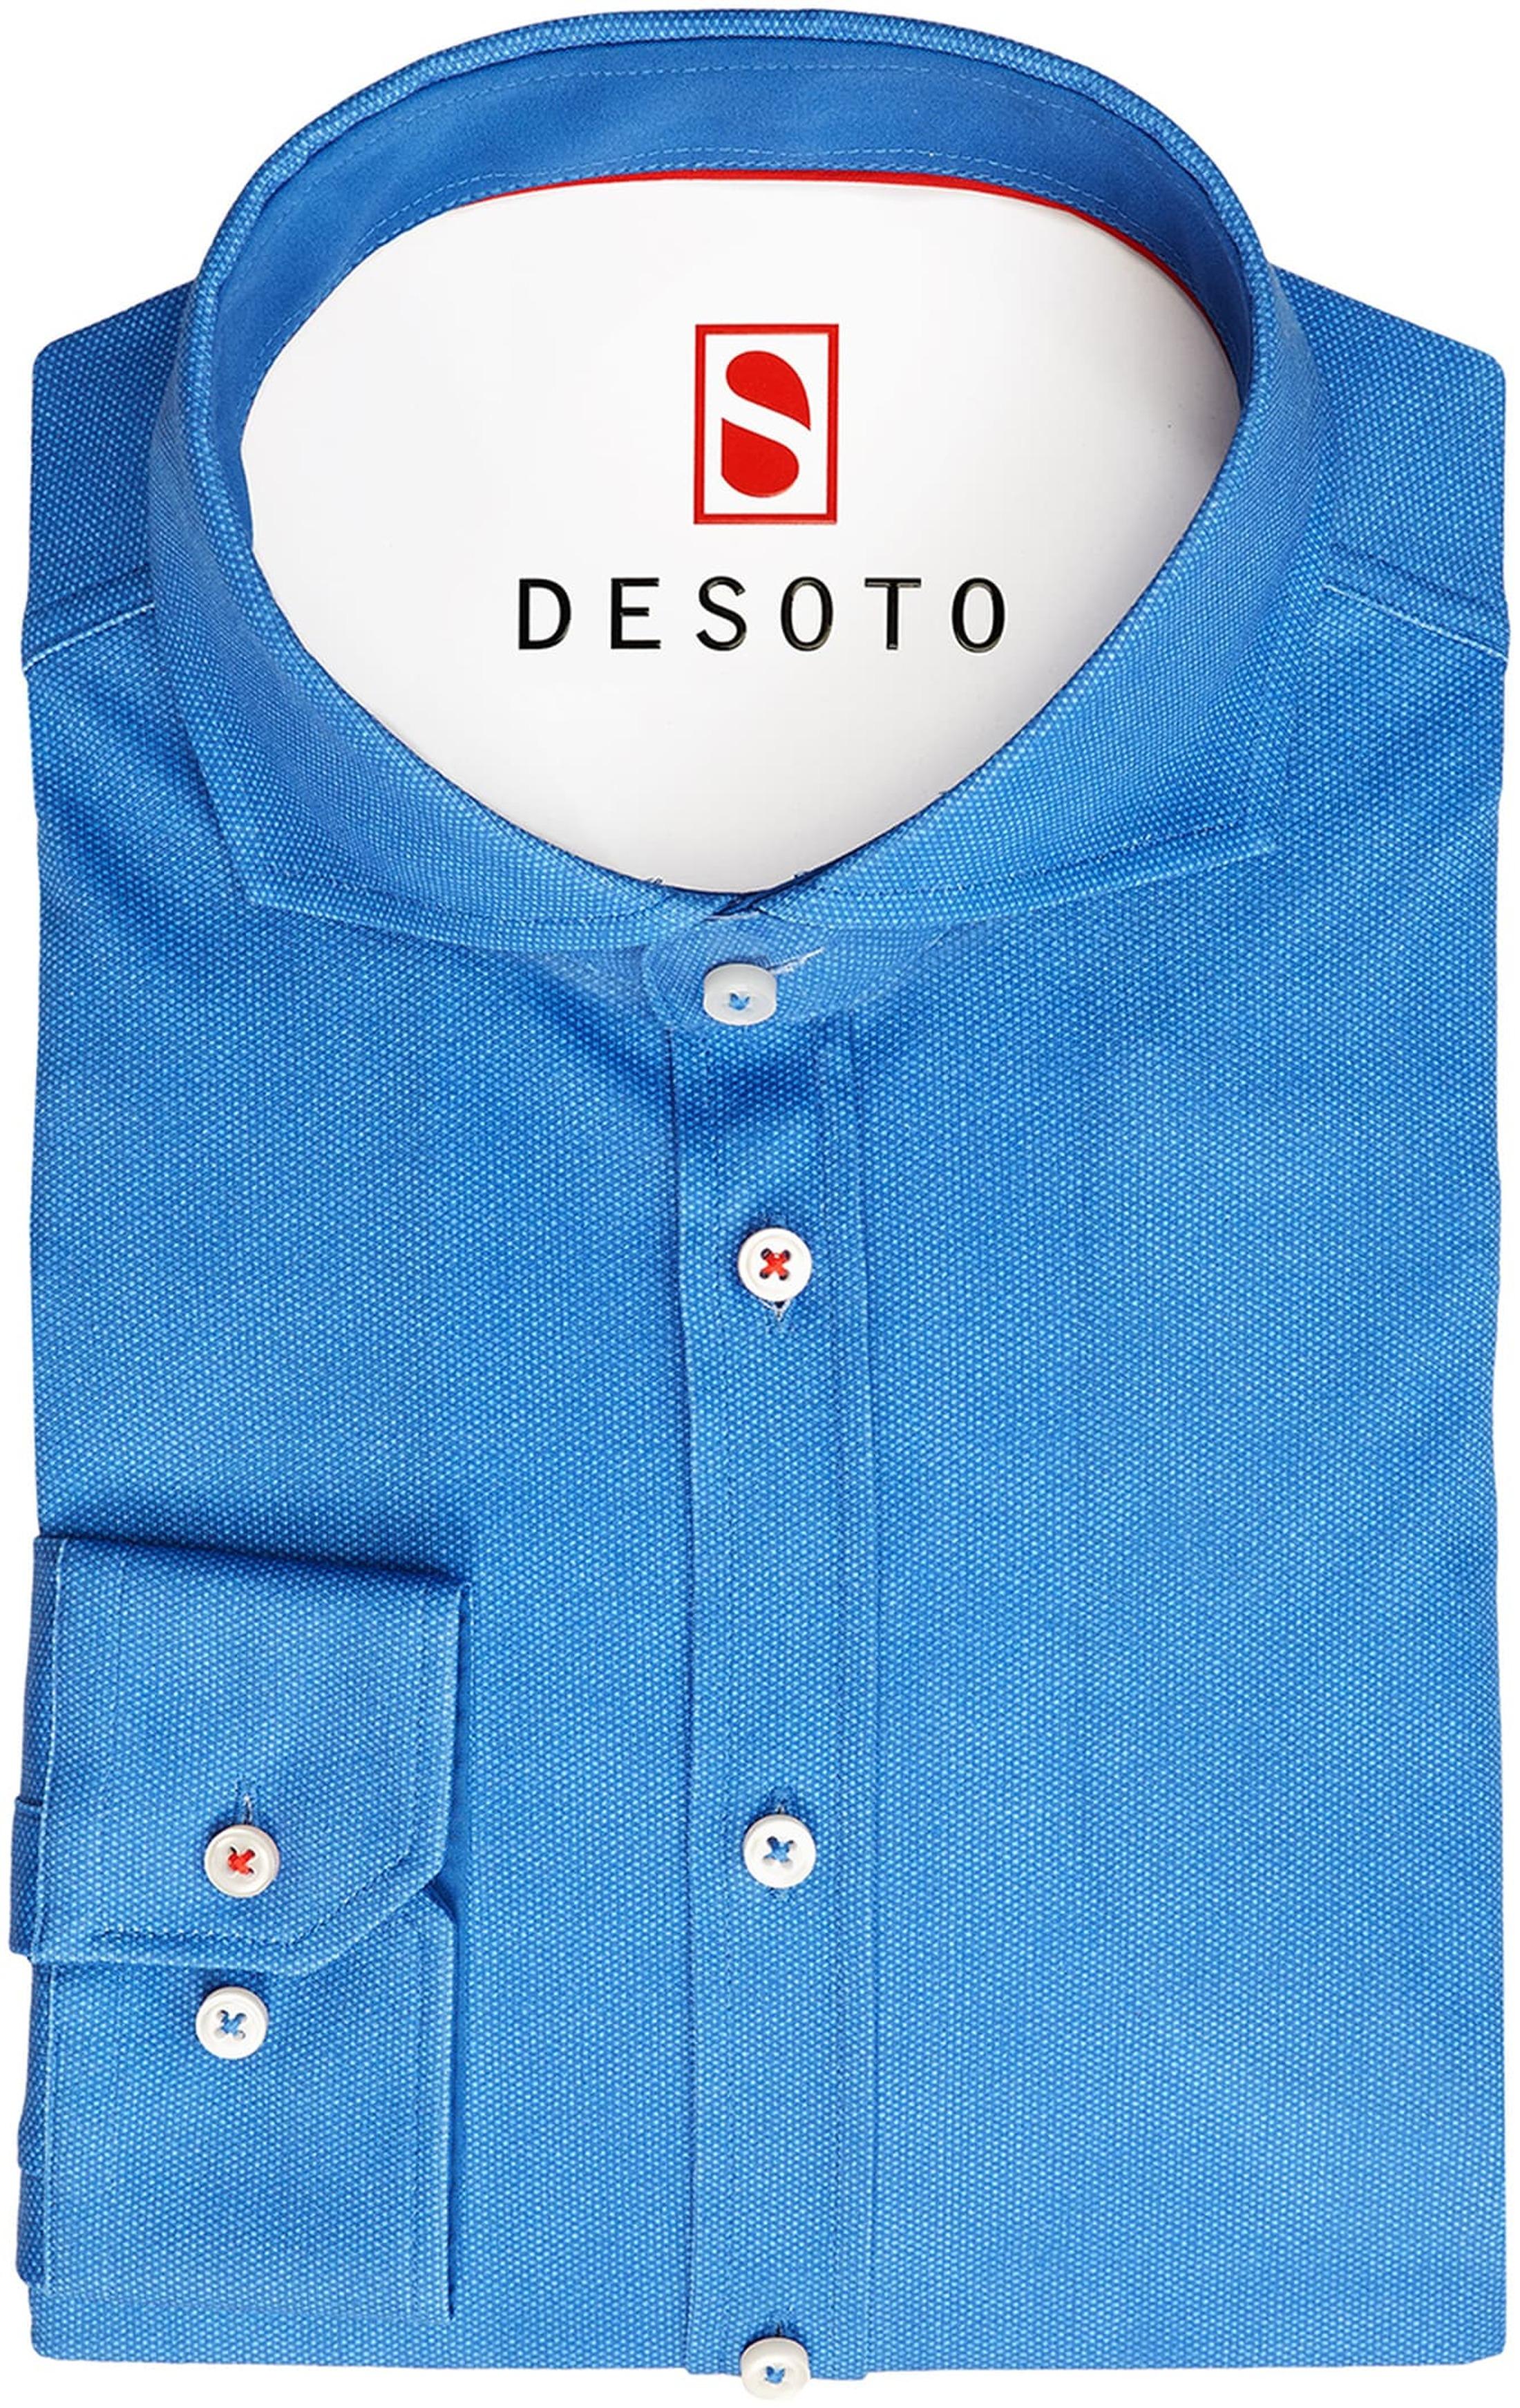 Desoto Overhemd Strijkvrij Royal Oxford foto 2